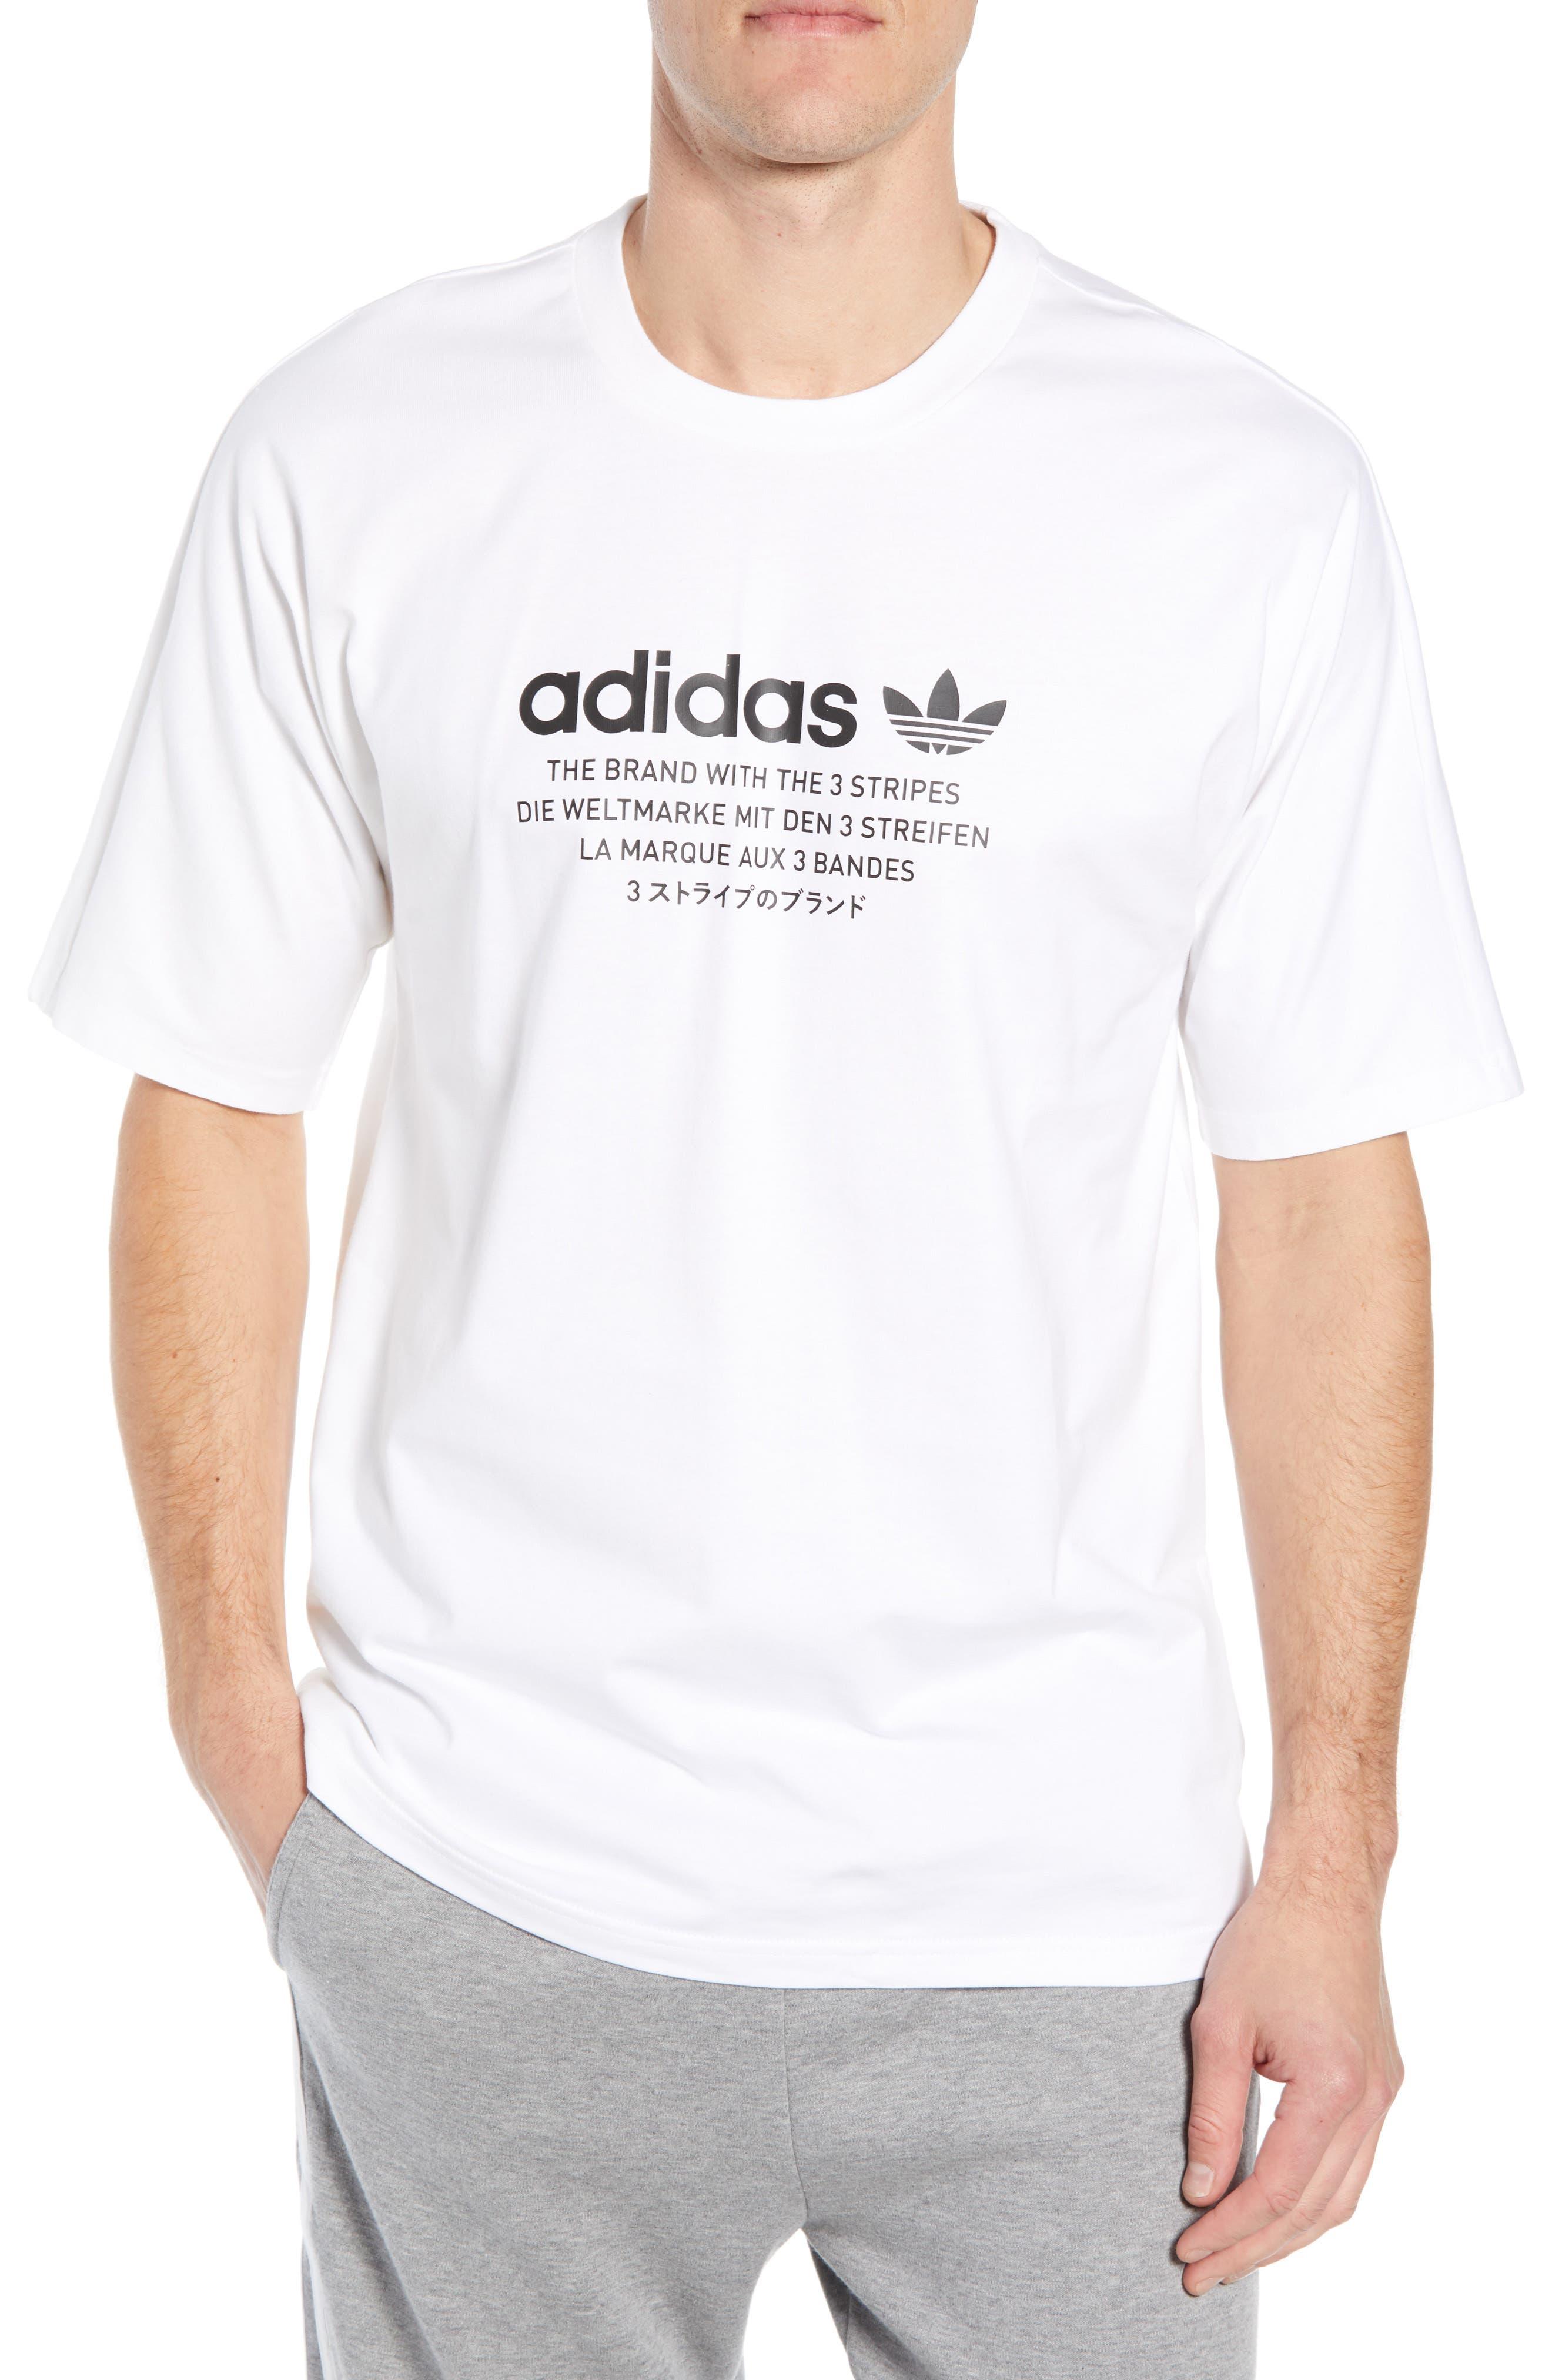 Adidas Originals Nmd Graphic T-Shirt, White